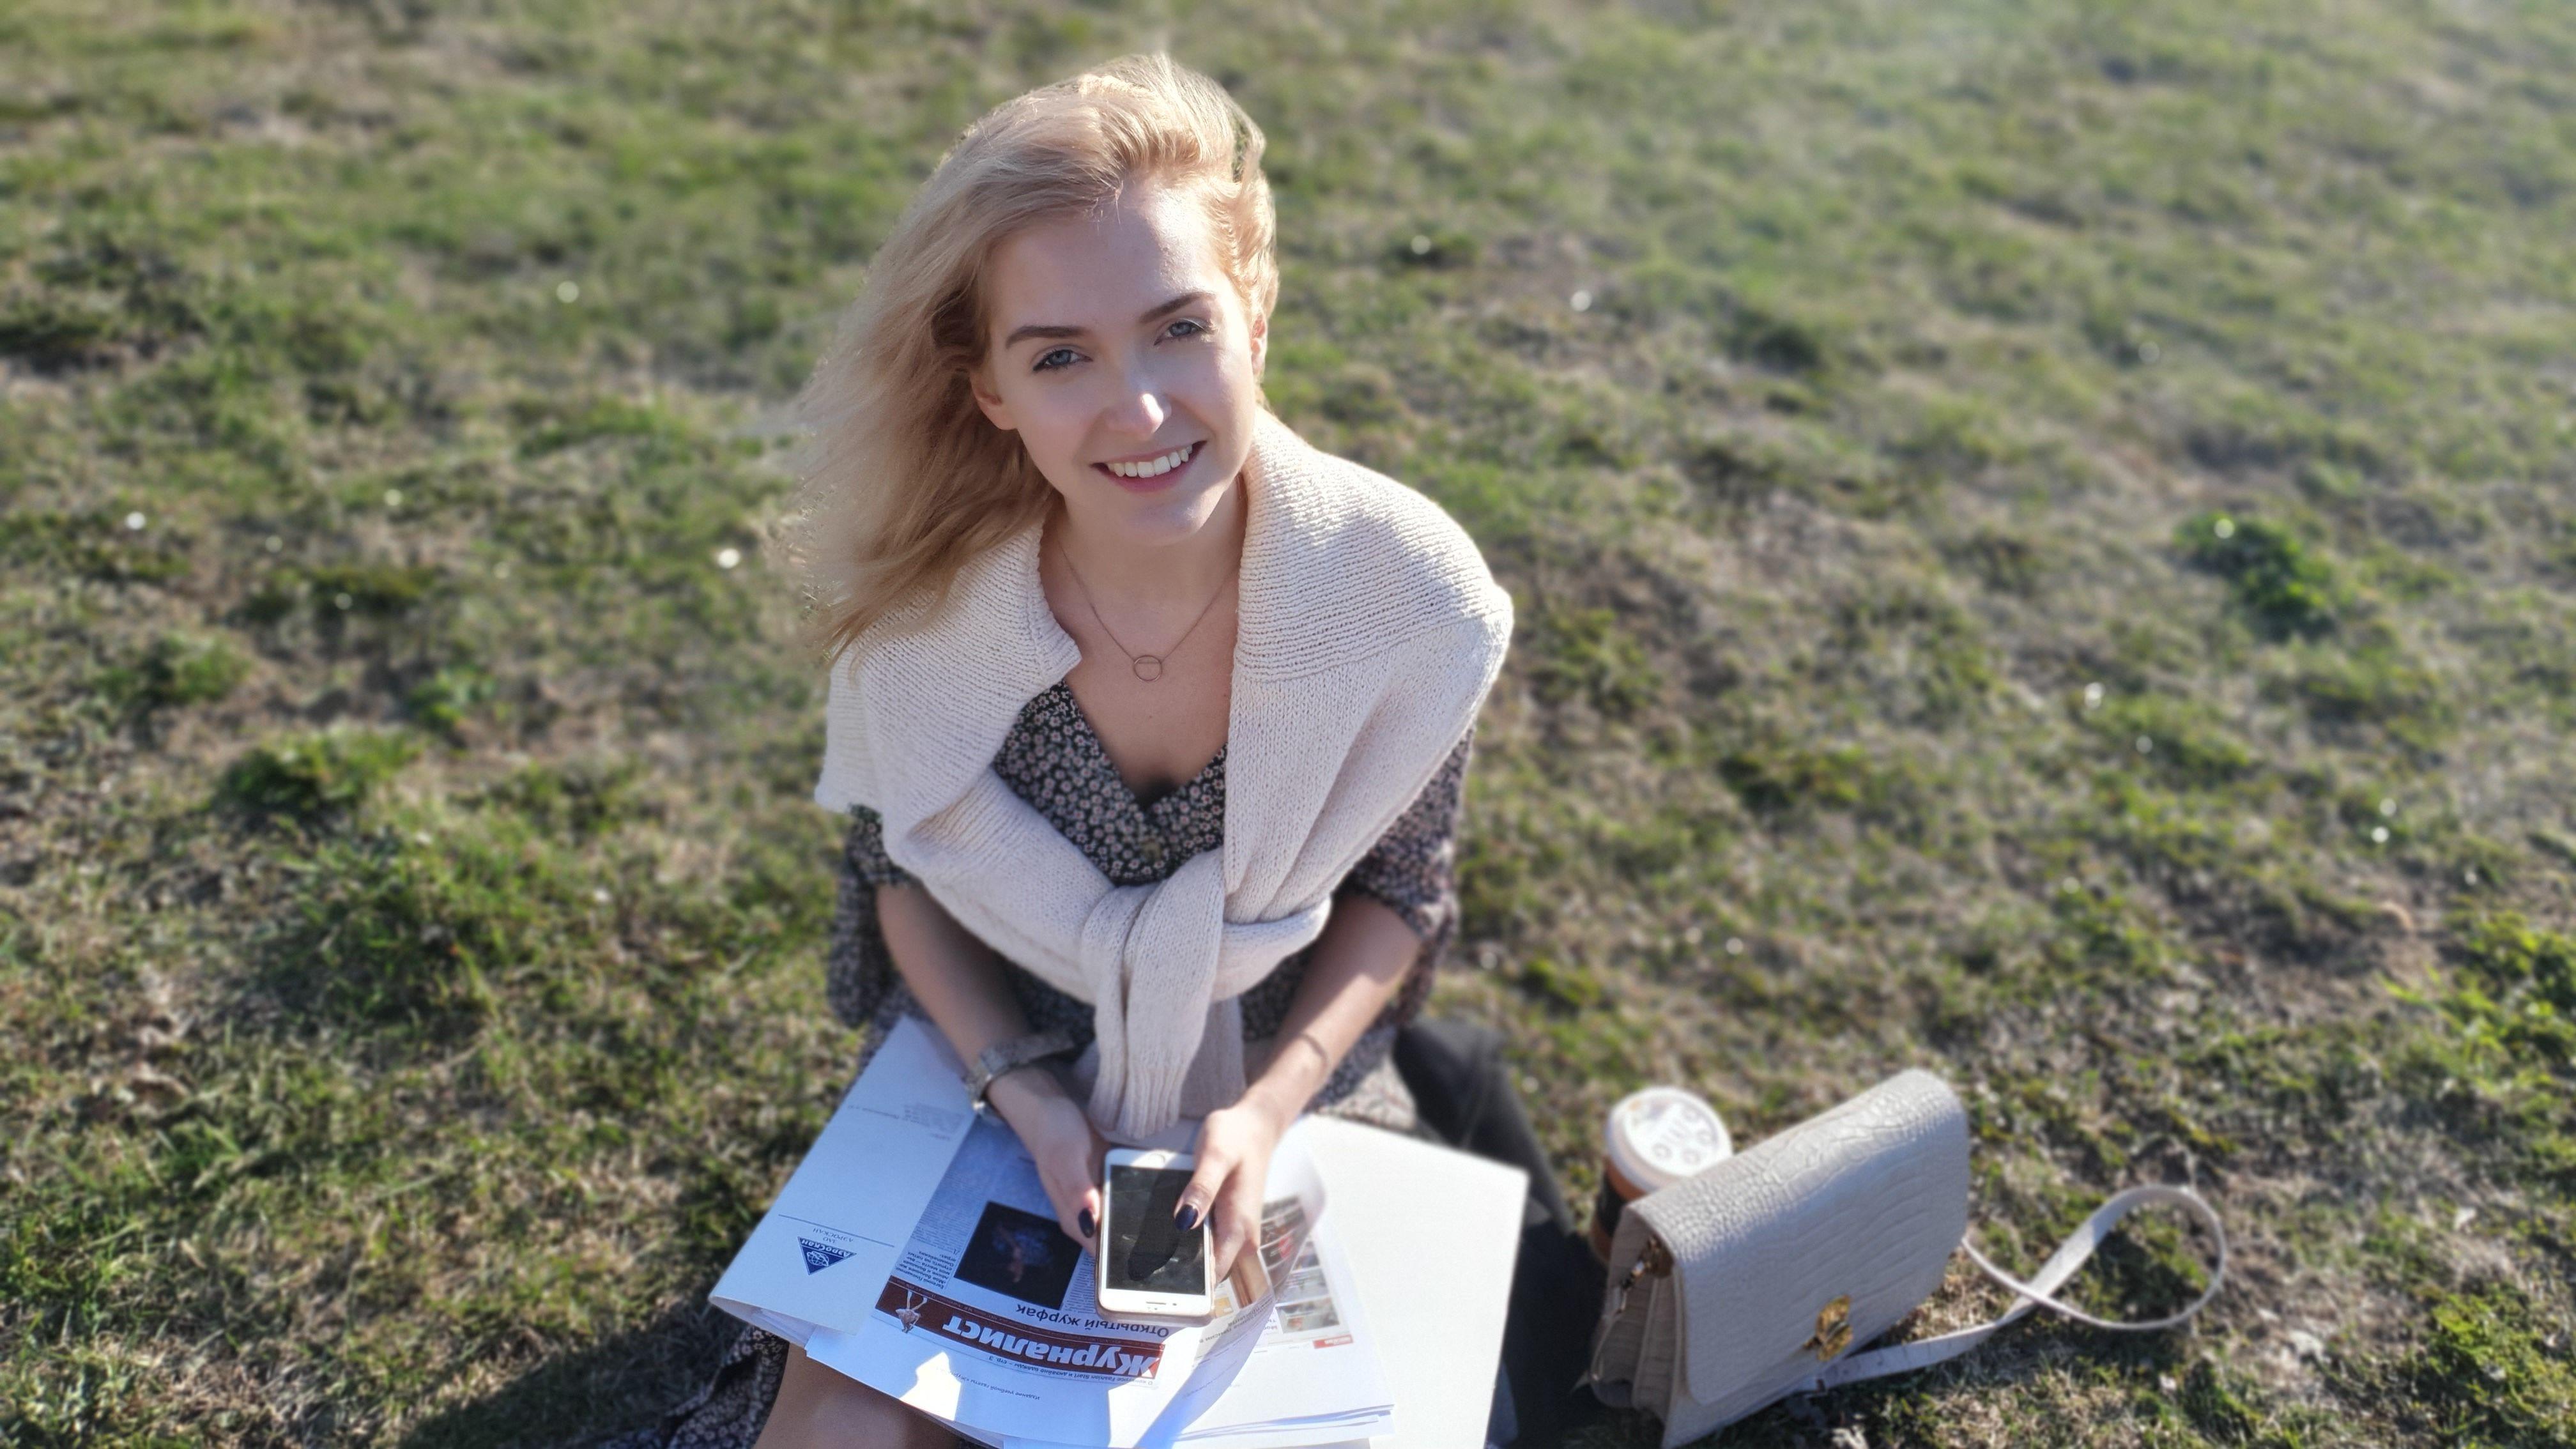 Популярность бесплатной сети Wi-Fi в парках Москвы вырославдвое